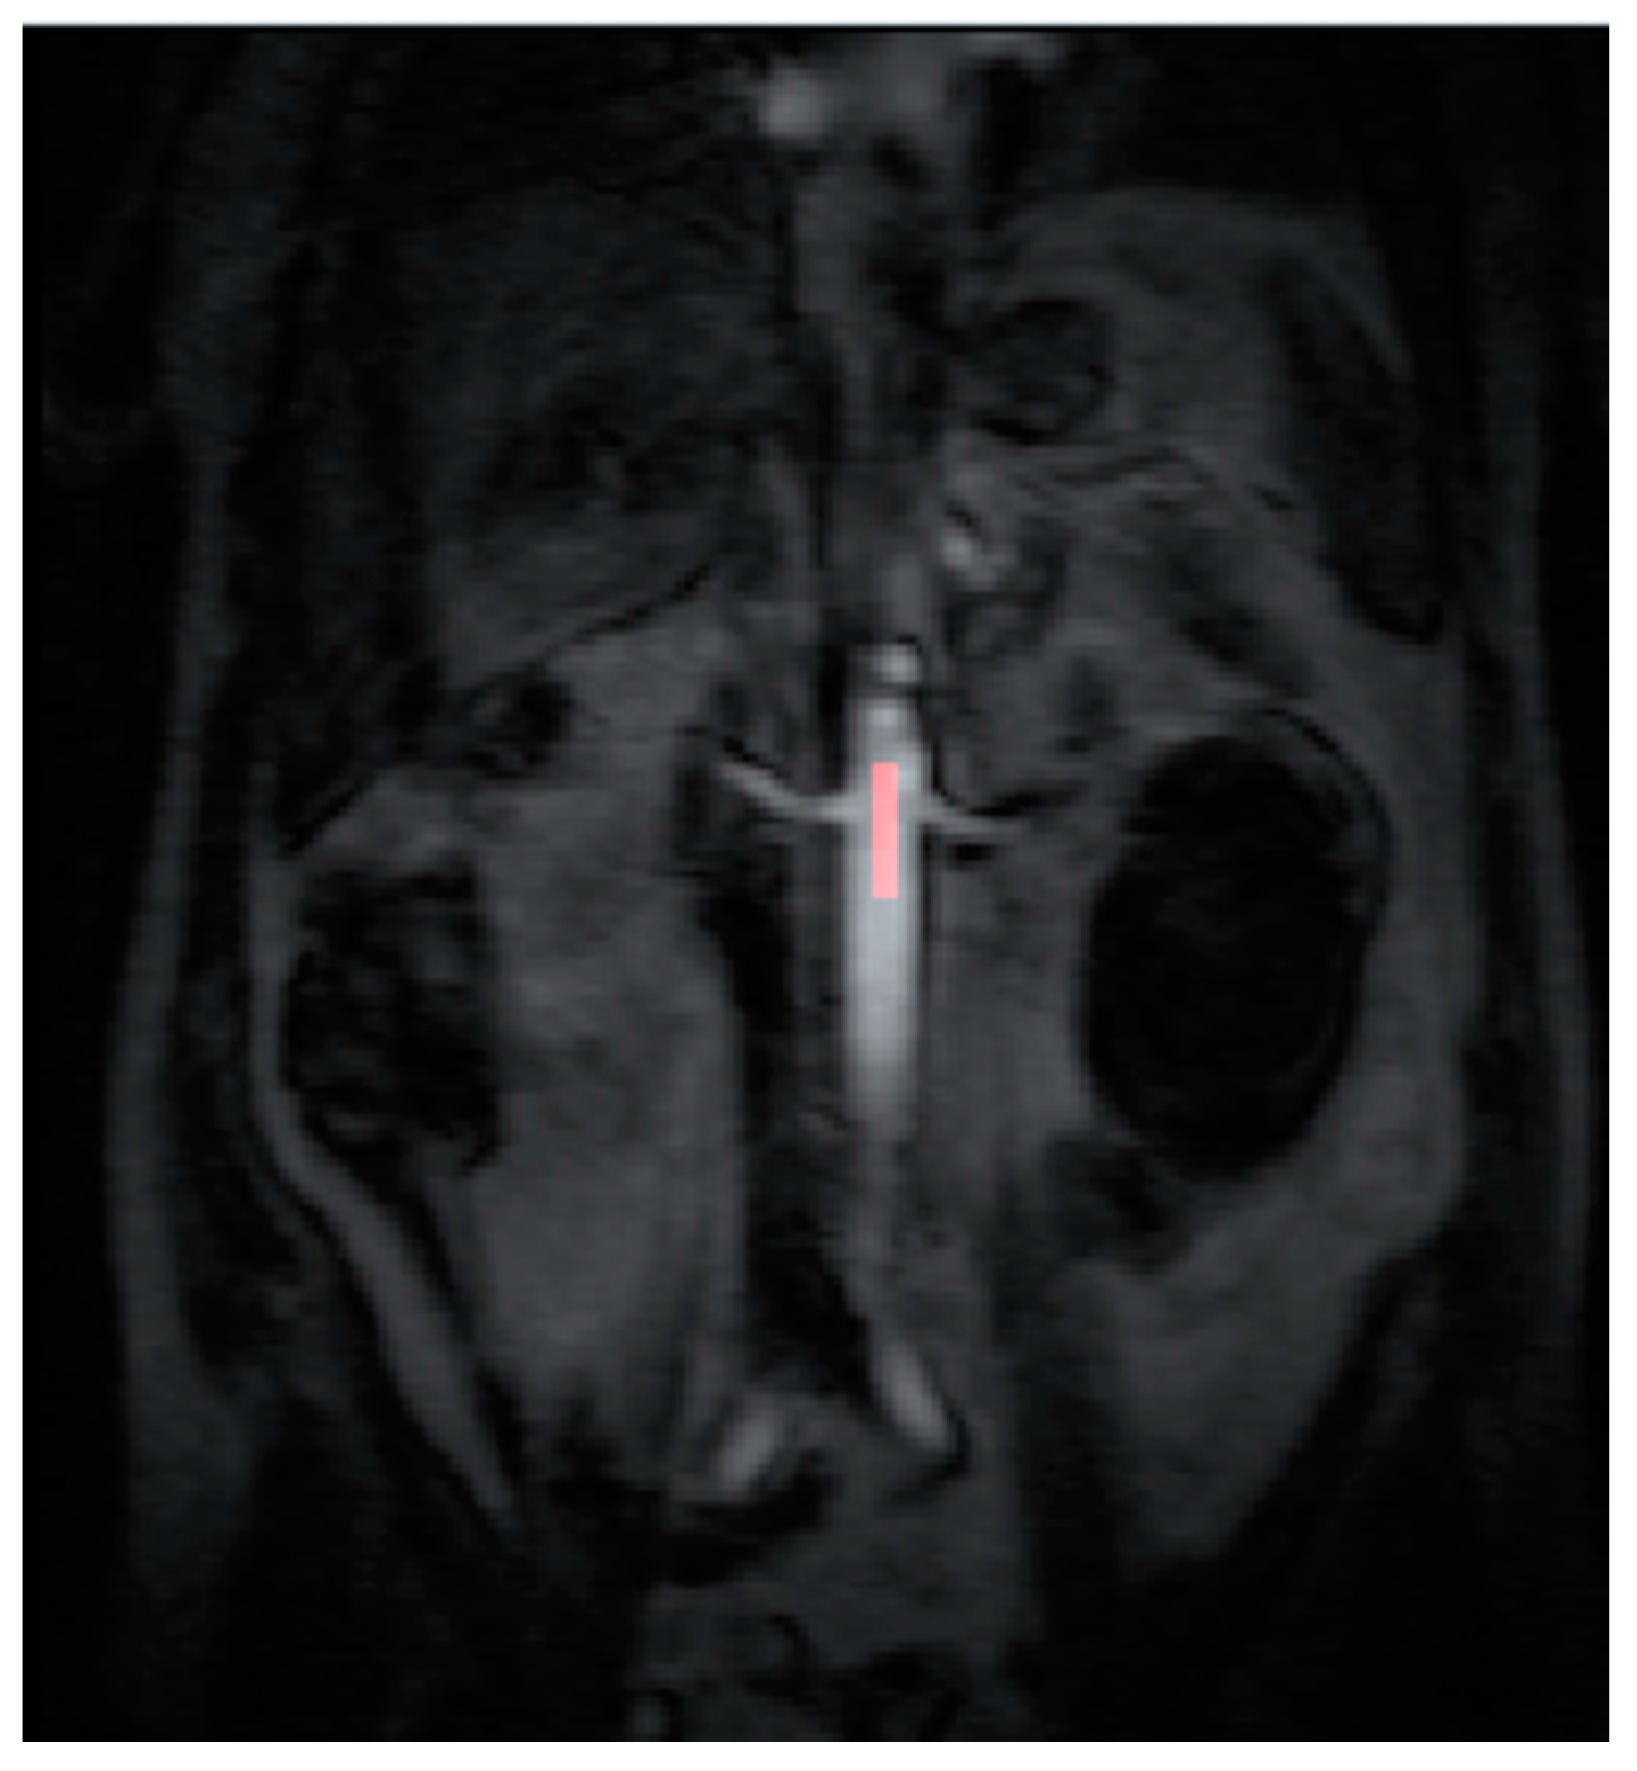 doppelanlage arteria renalis